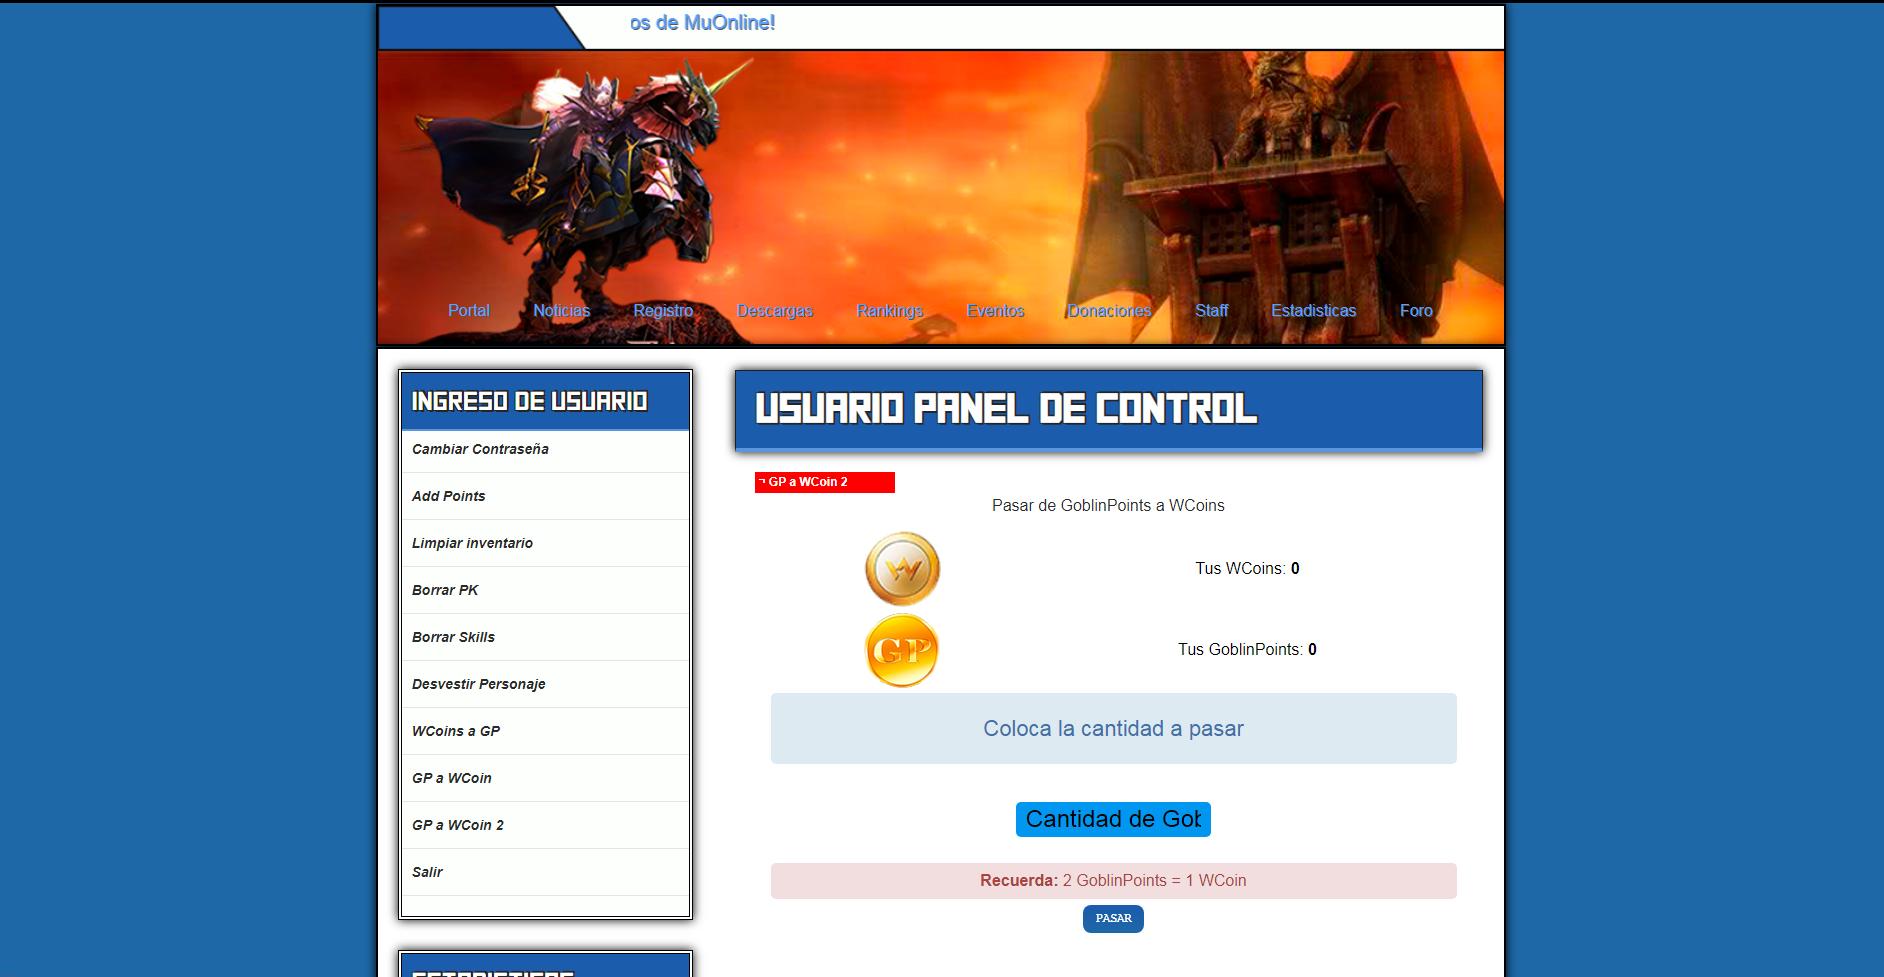 Web Nostaugico Atualizado Mu Online - Criar servidor de mu online pirata, artigo atualizado aprendiz mu online 2019